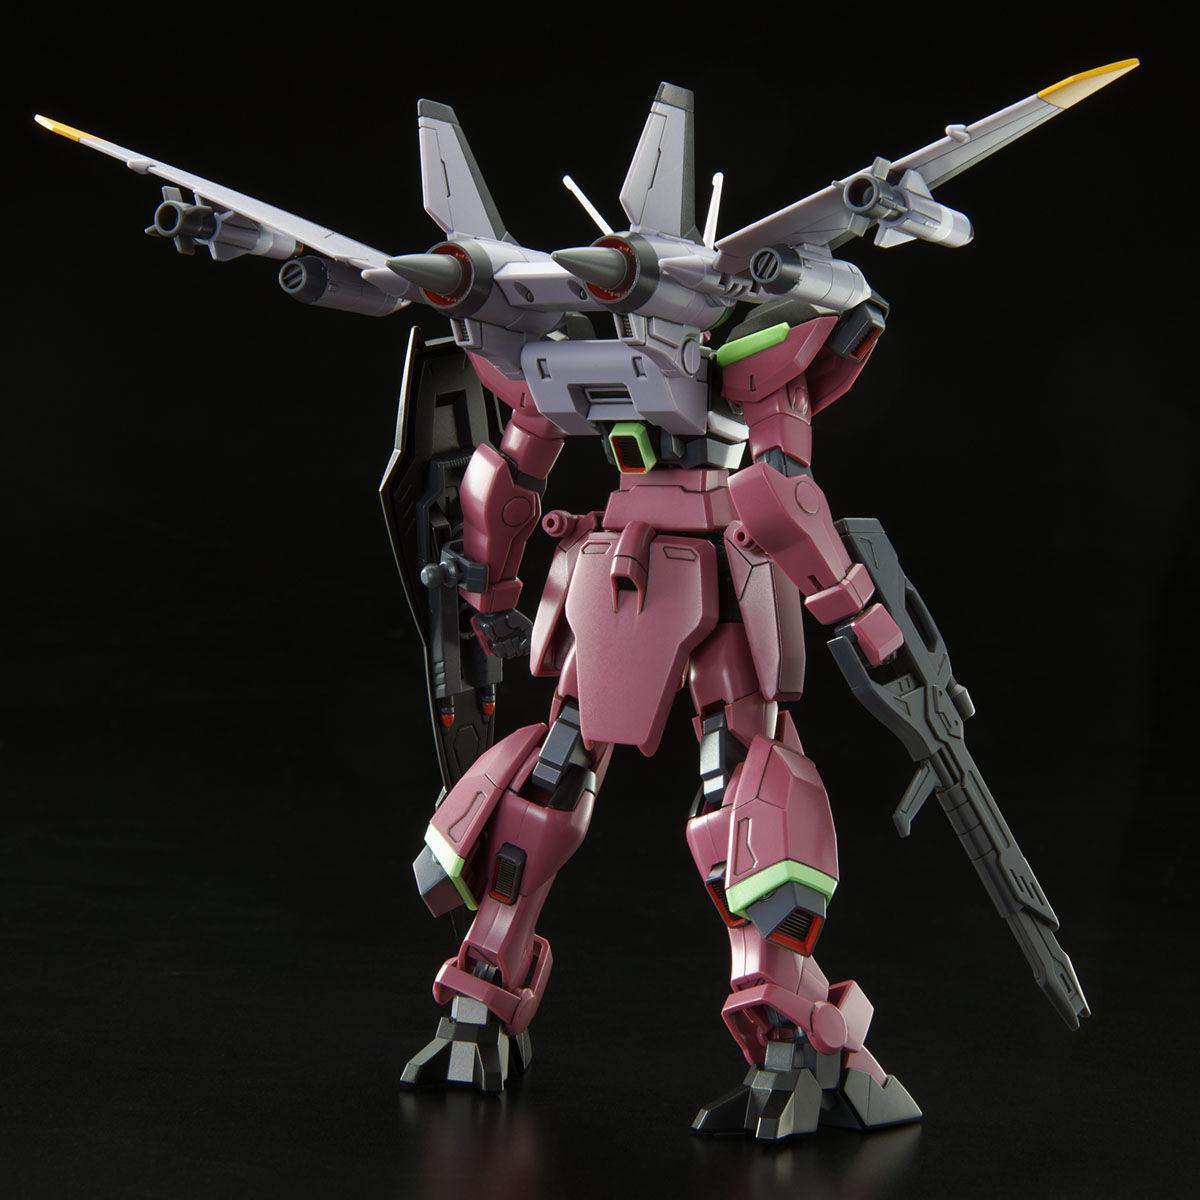 HGCE 1/144『ウィンダム(ネオ・ロアノーク専用機)』ガンダムSEED DESTINY プラモデル-003